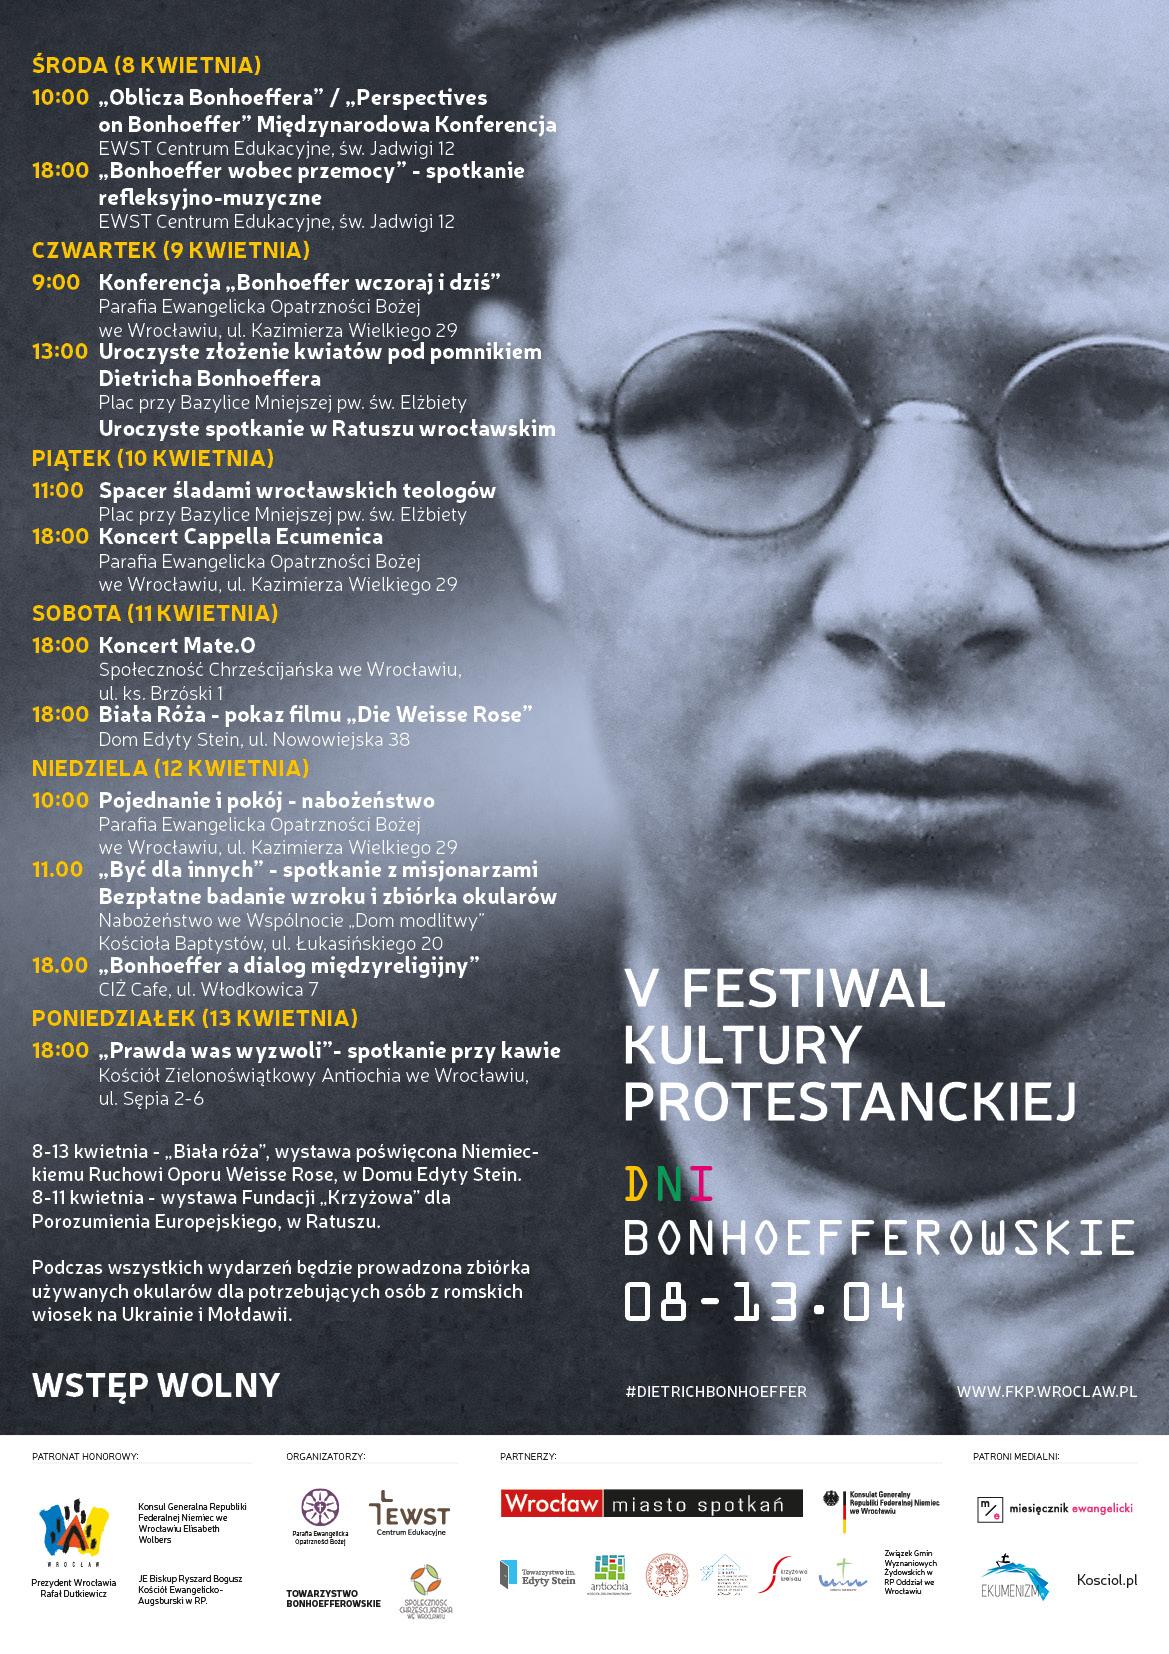 V Festiwal Kultury Protestanckiej. Dni Bonhoefferowskie